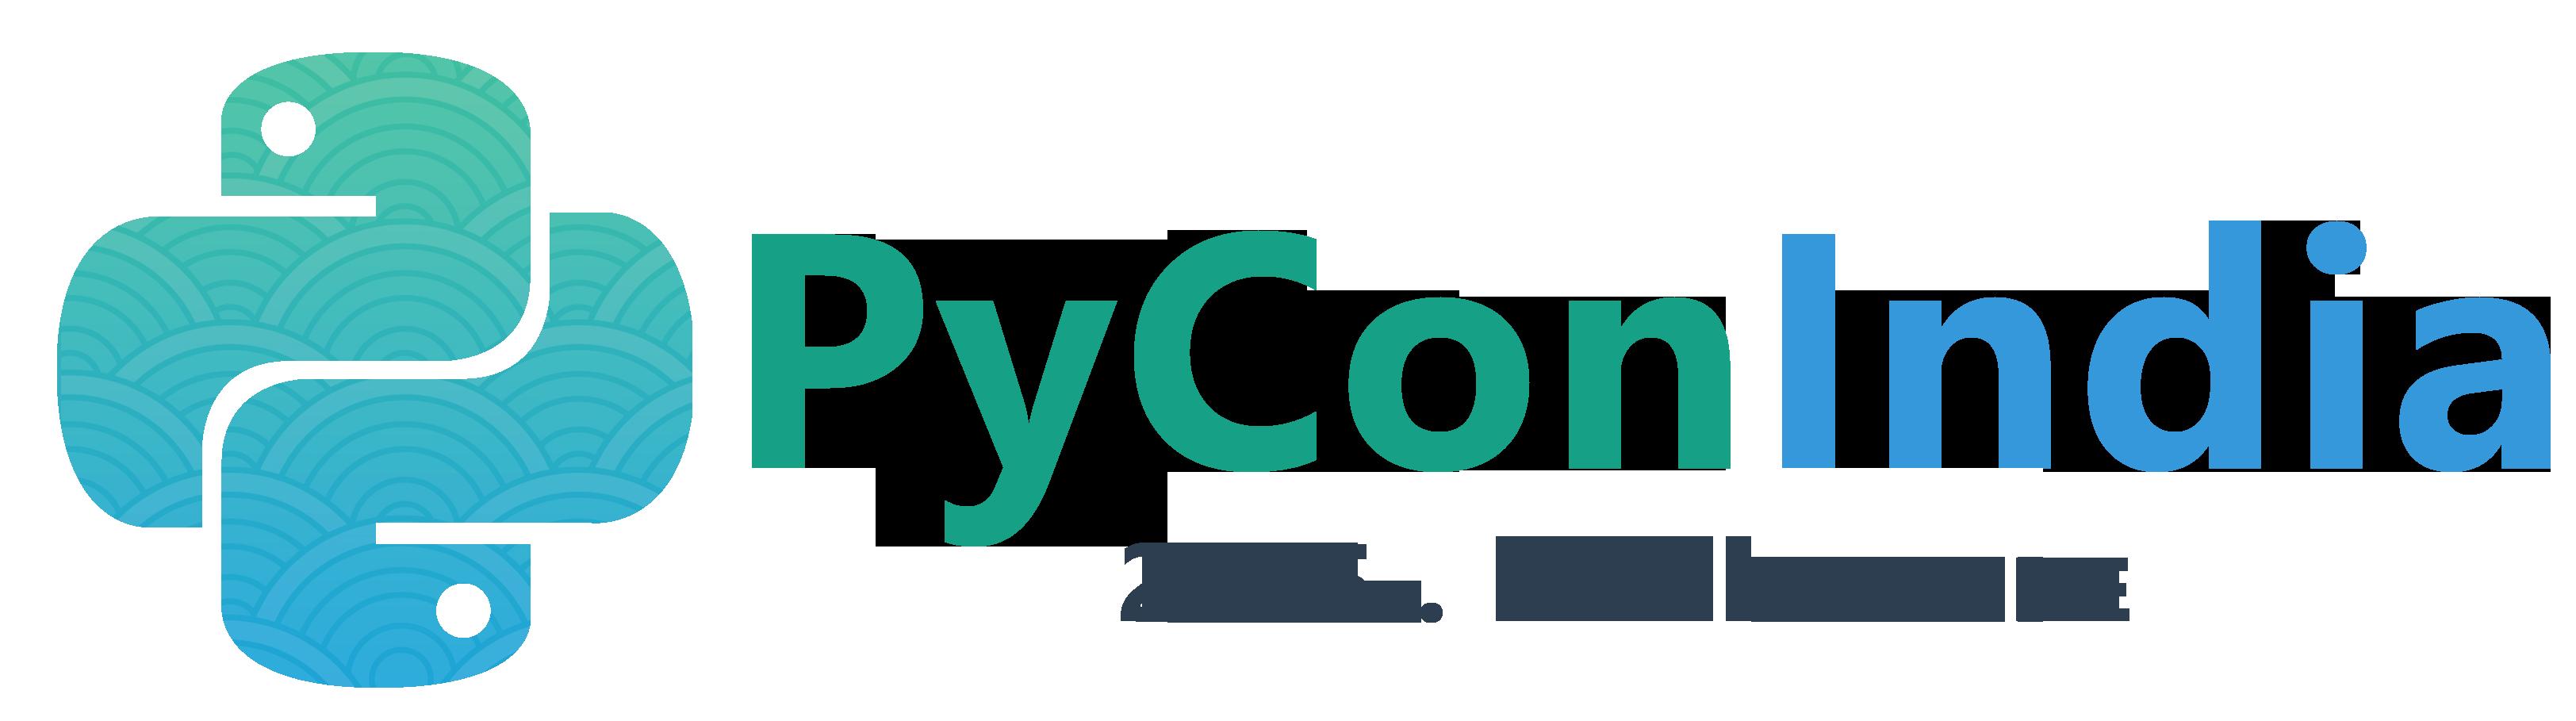 PyCon India 2015